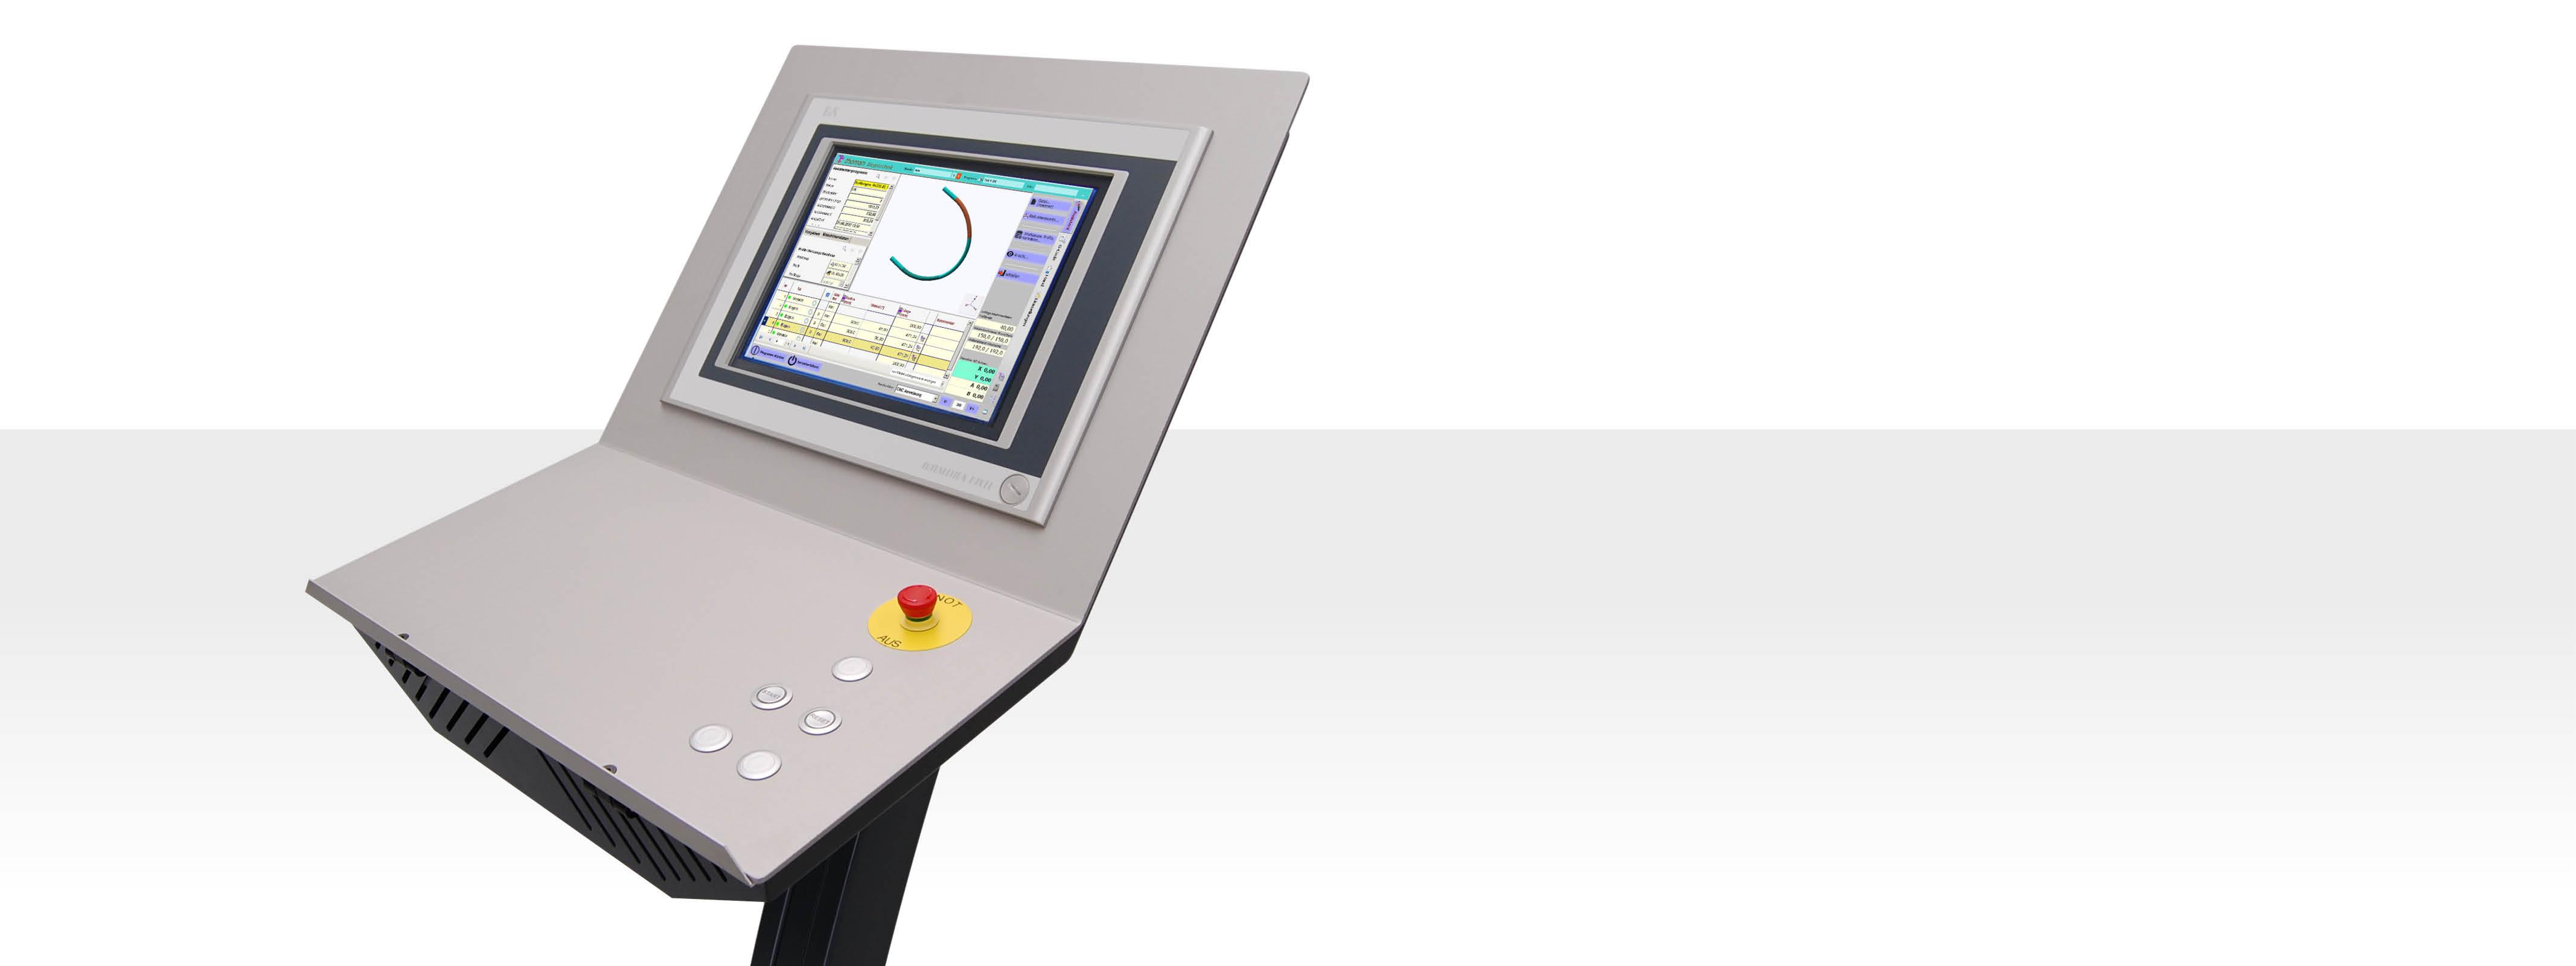 CNC-S Steuerungstechnologie für Profilbiegemaschinen - Thoman Biegemaschinen